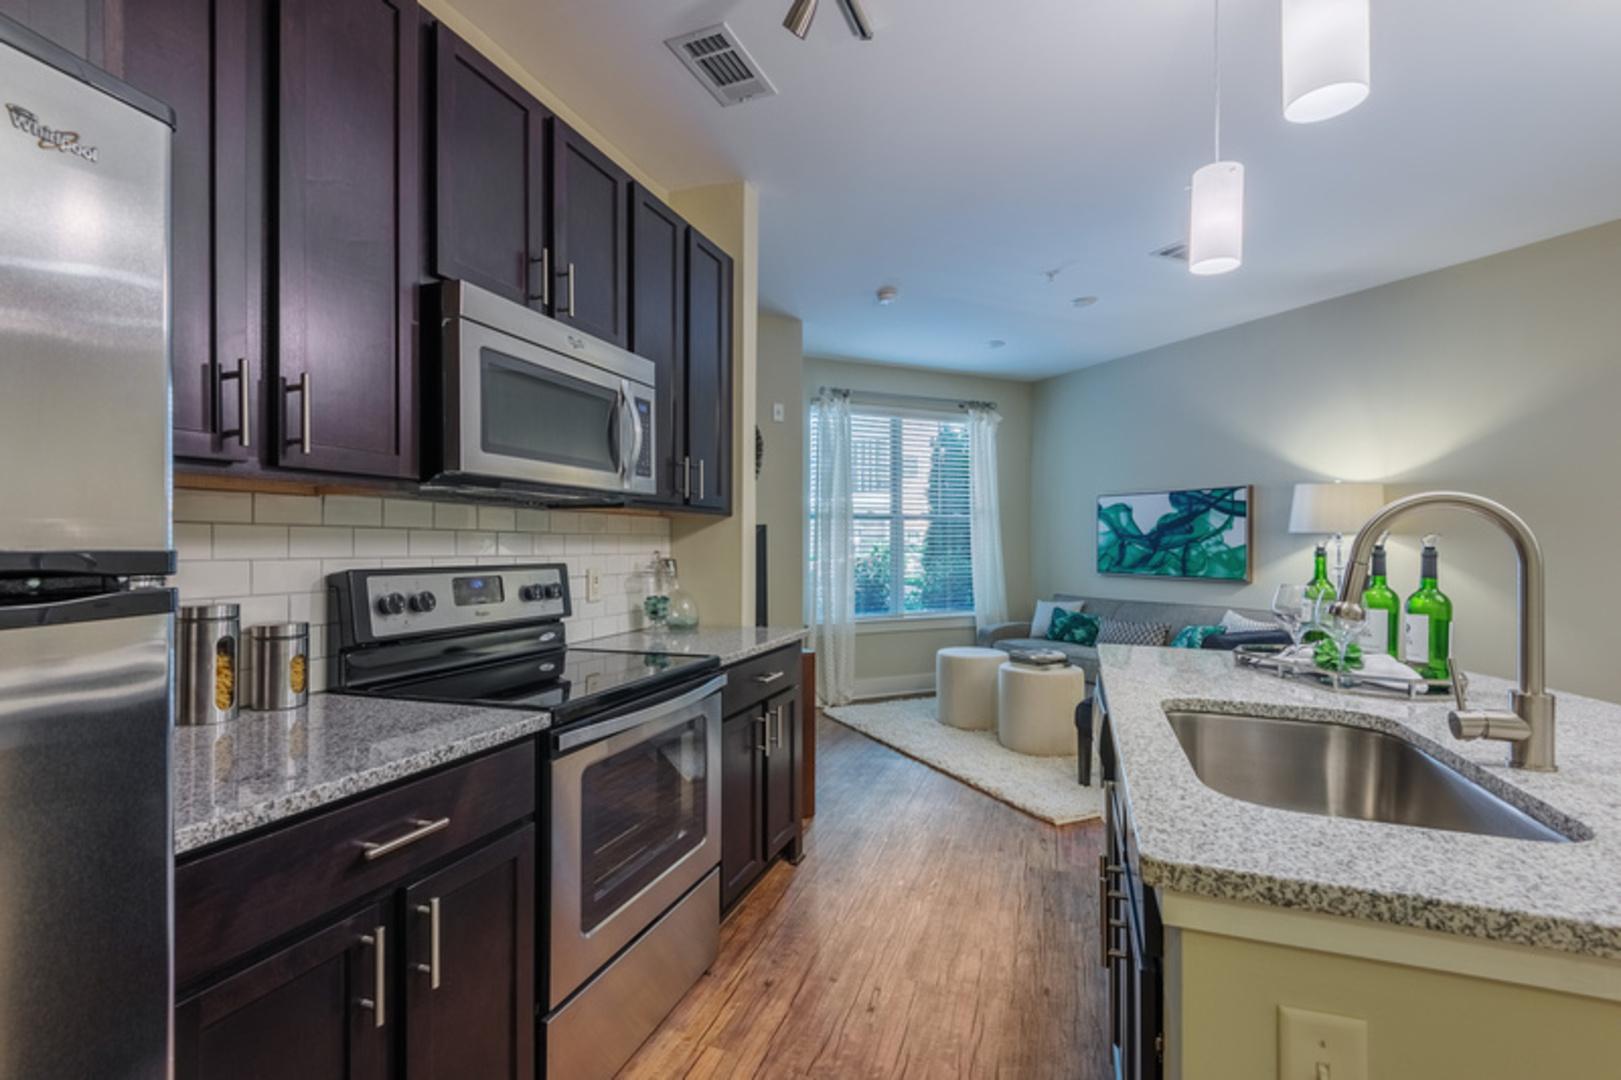 Photo Gallery of Mezzo1 Apartments